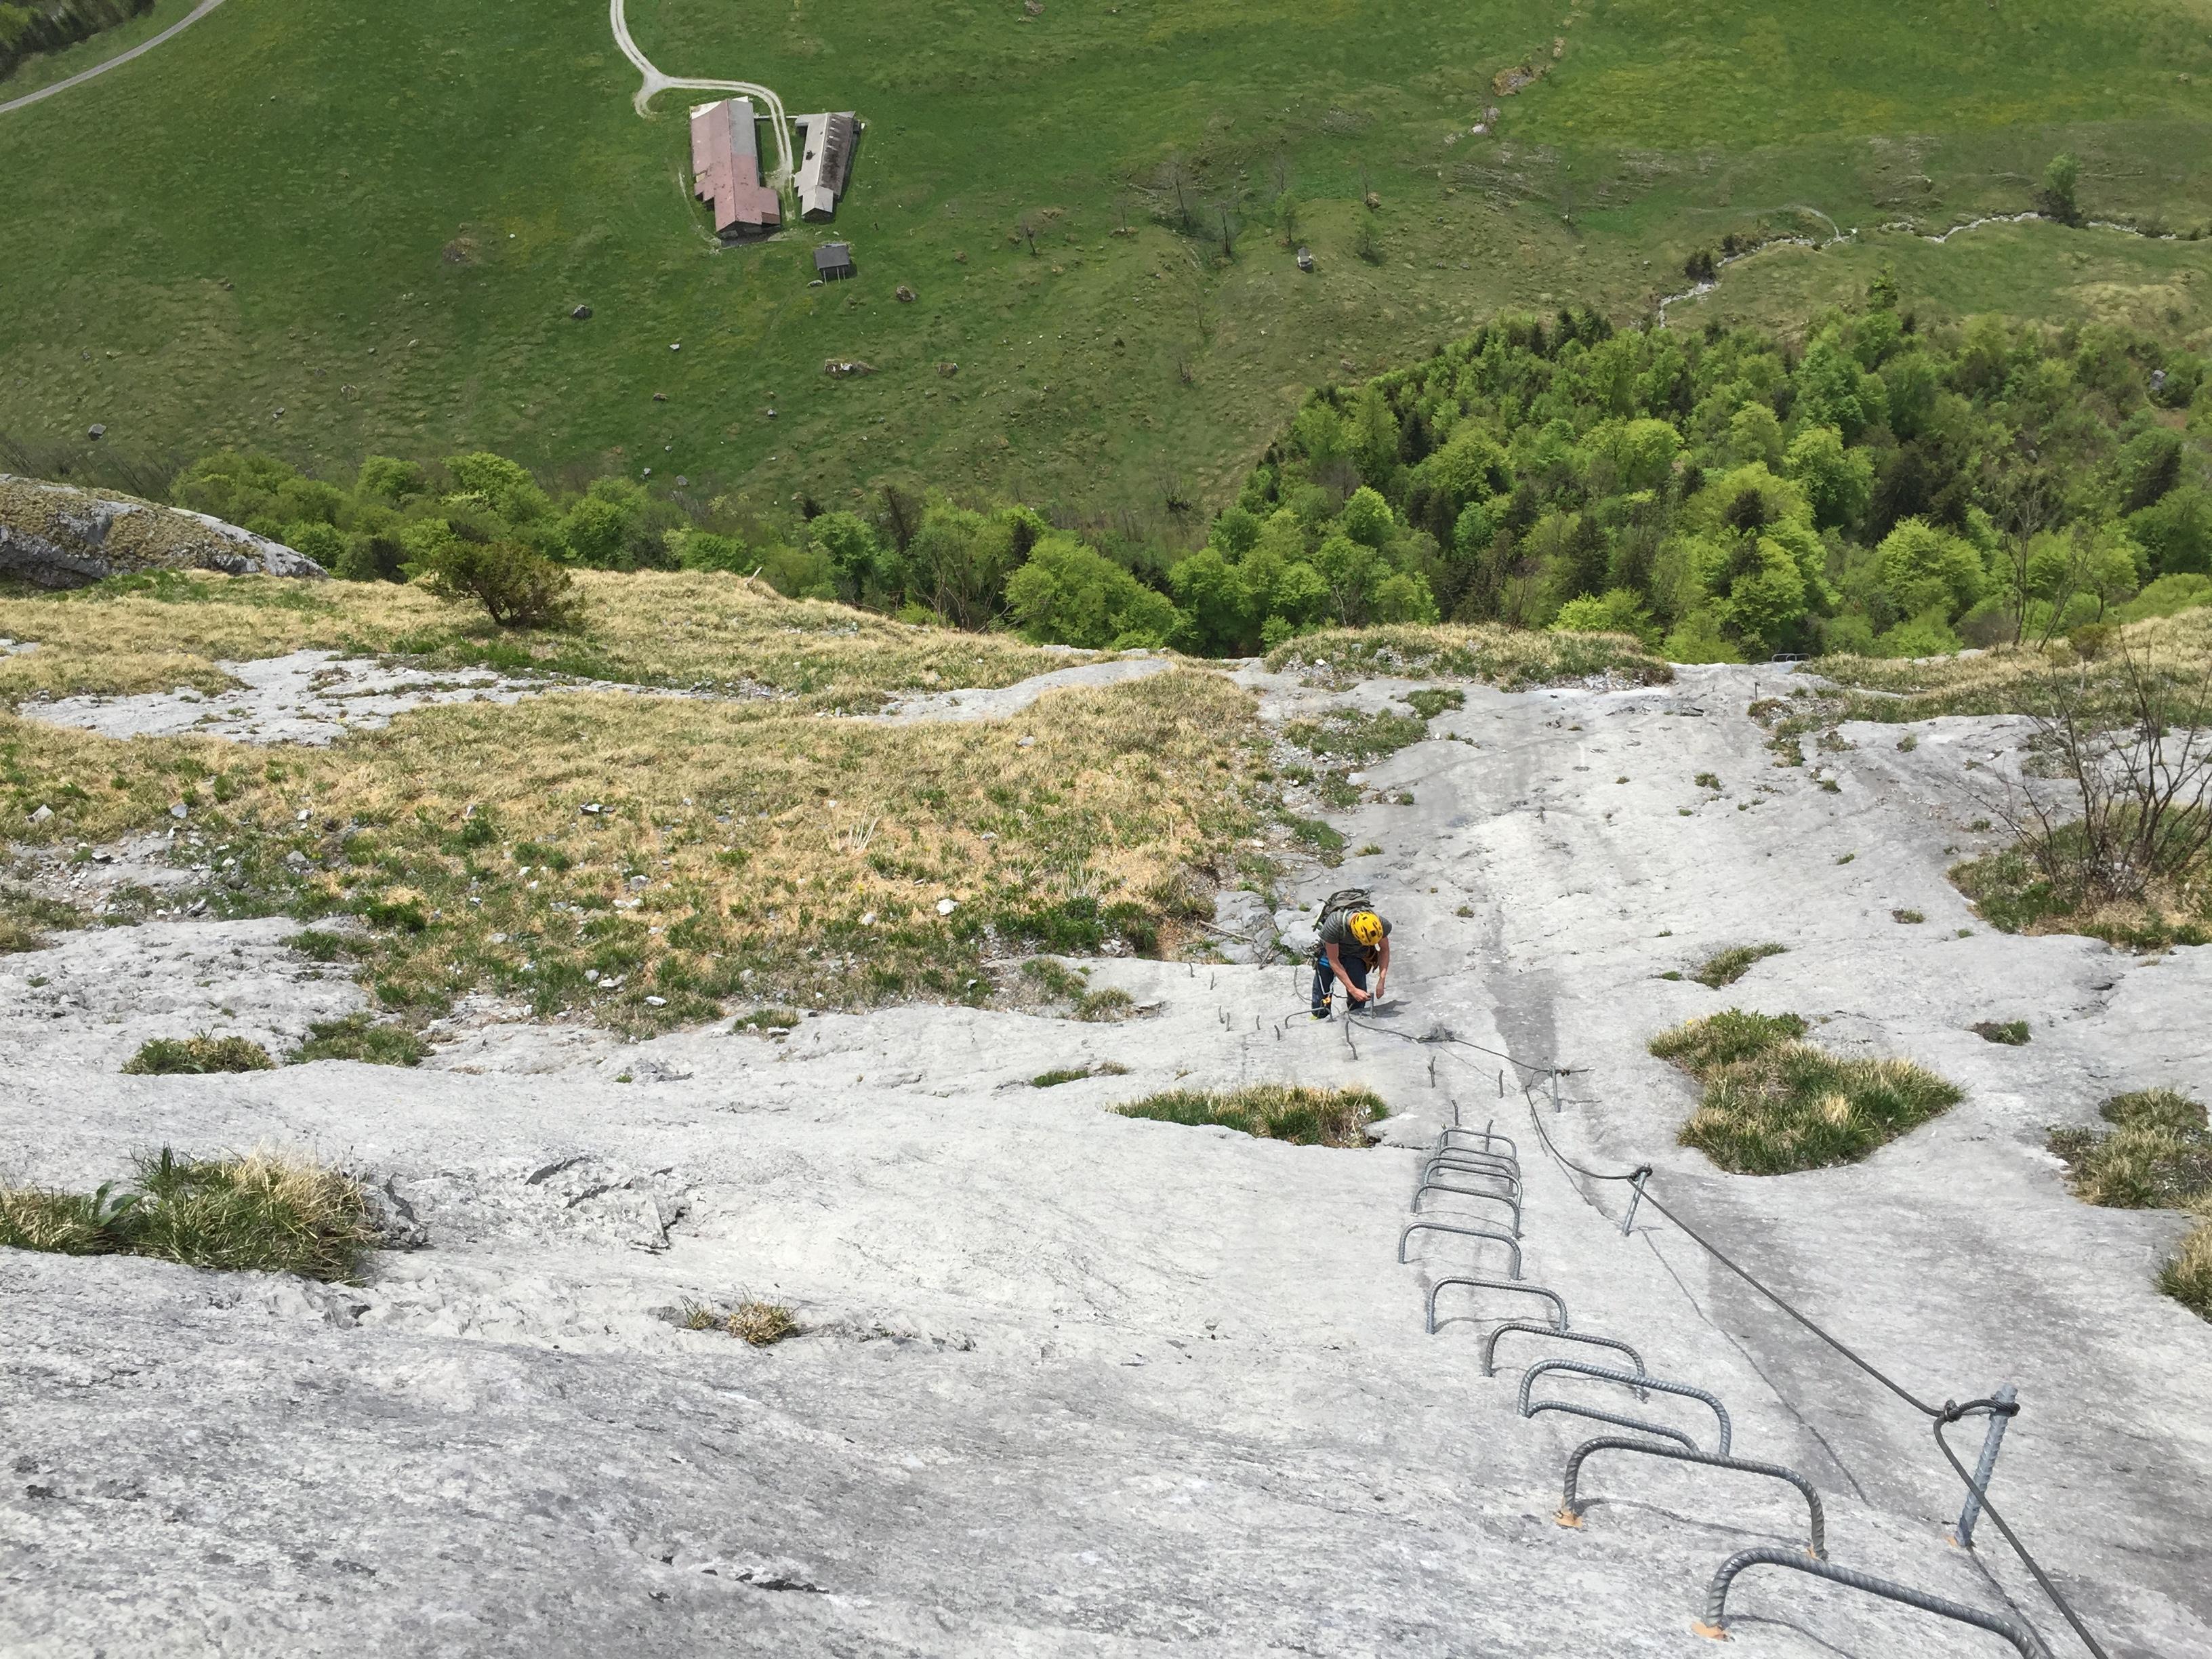 Klettersteig Wimmis : Klettersteige und klettern braunwald